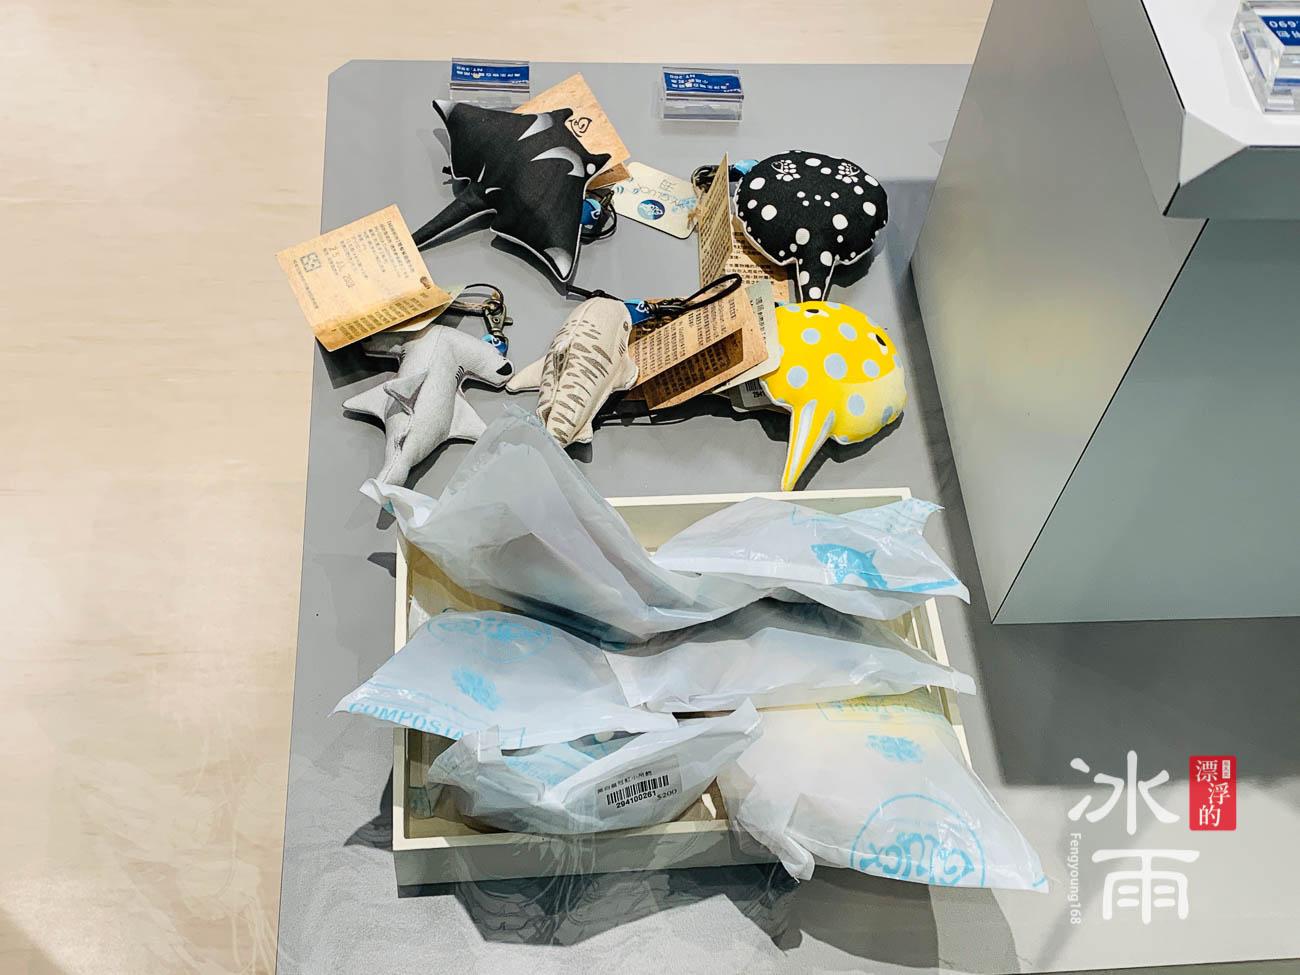 X fun Xpark水族館禮品專賣店裡面有很多很可愛的小吊飾